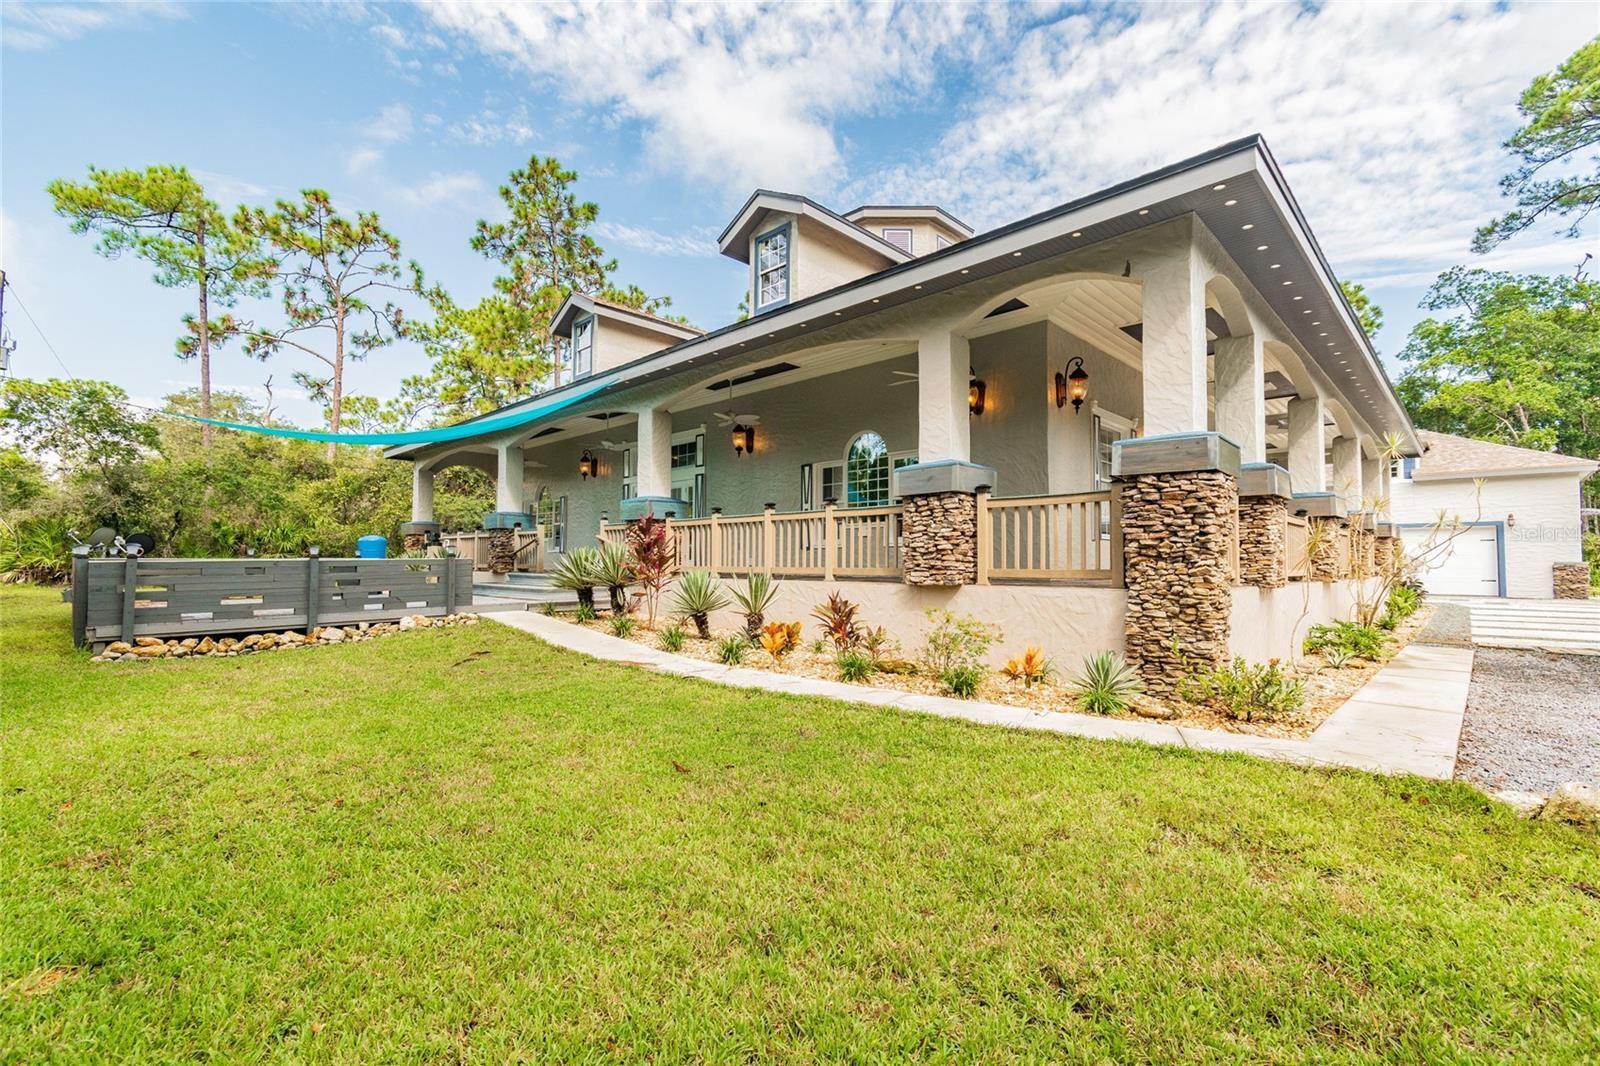 282 W 10TH STREET, Chuluota, FL 32766 - MLS#: O5974517